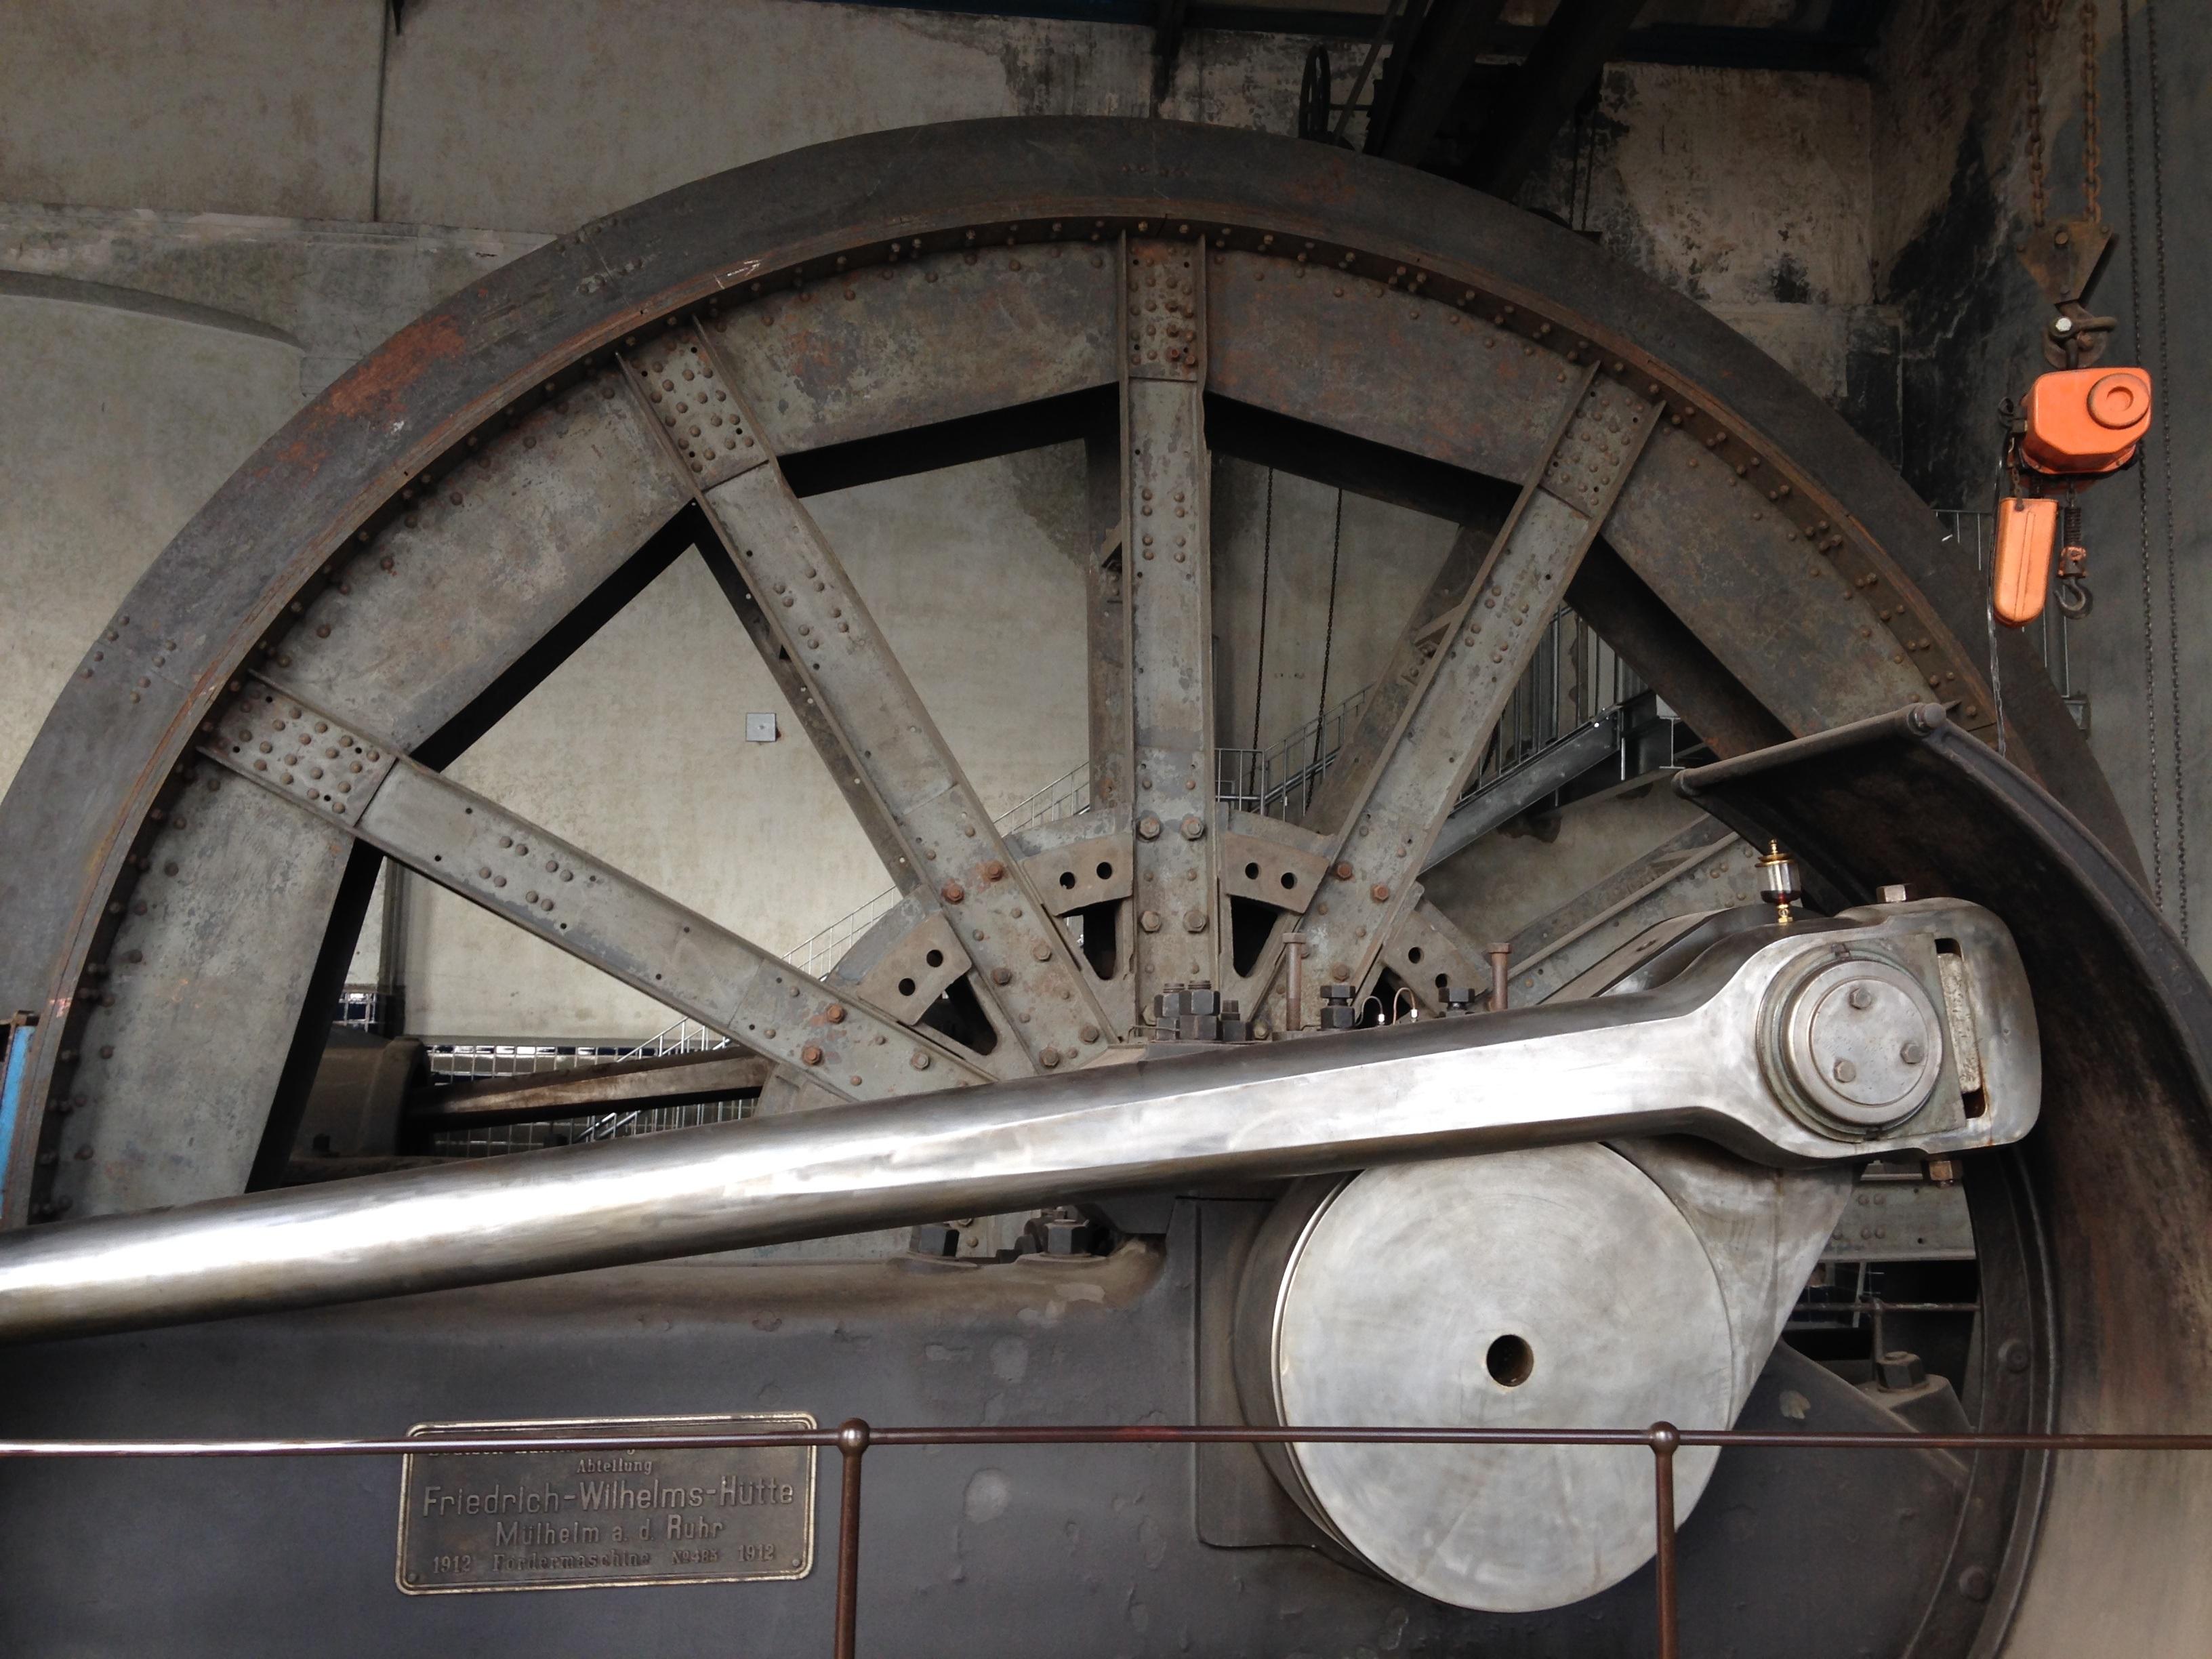 Kostenlose foto : Rad, Fahrzeug, Speiche, Maschine, Industrie ...